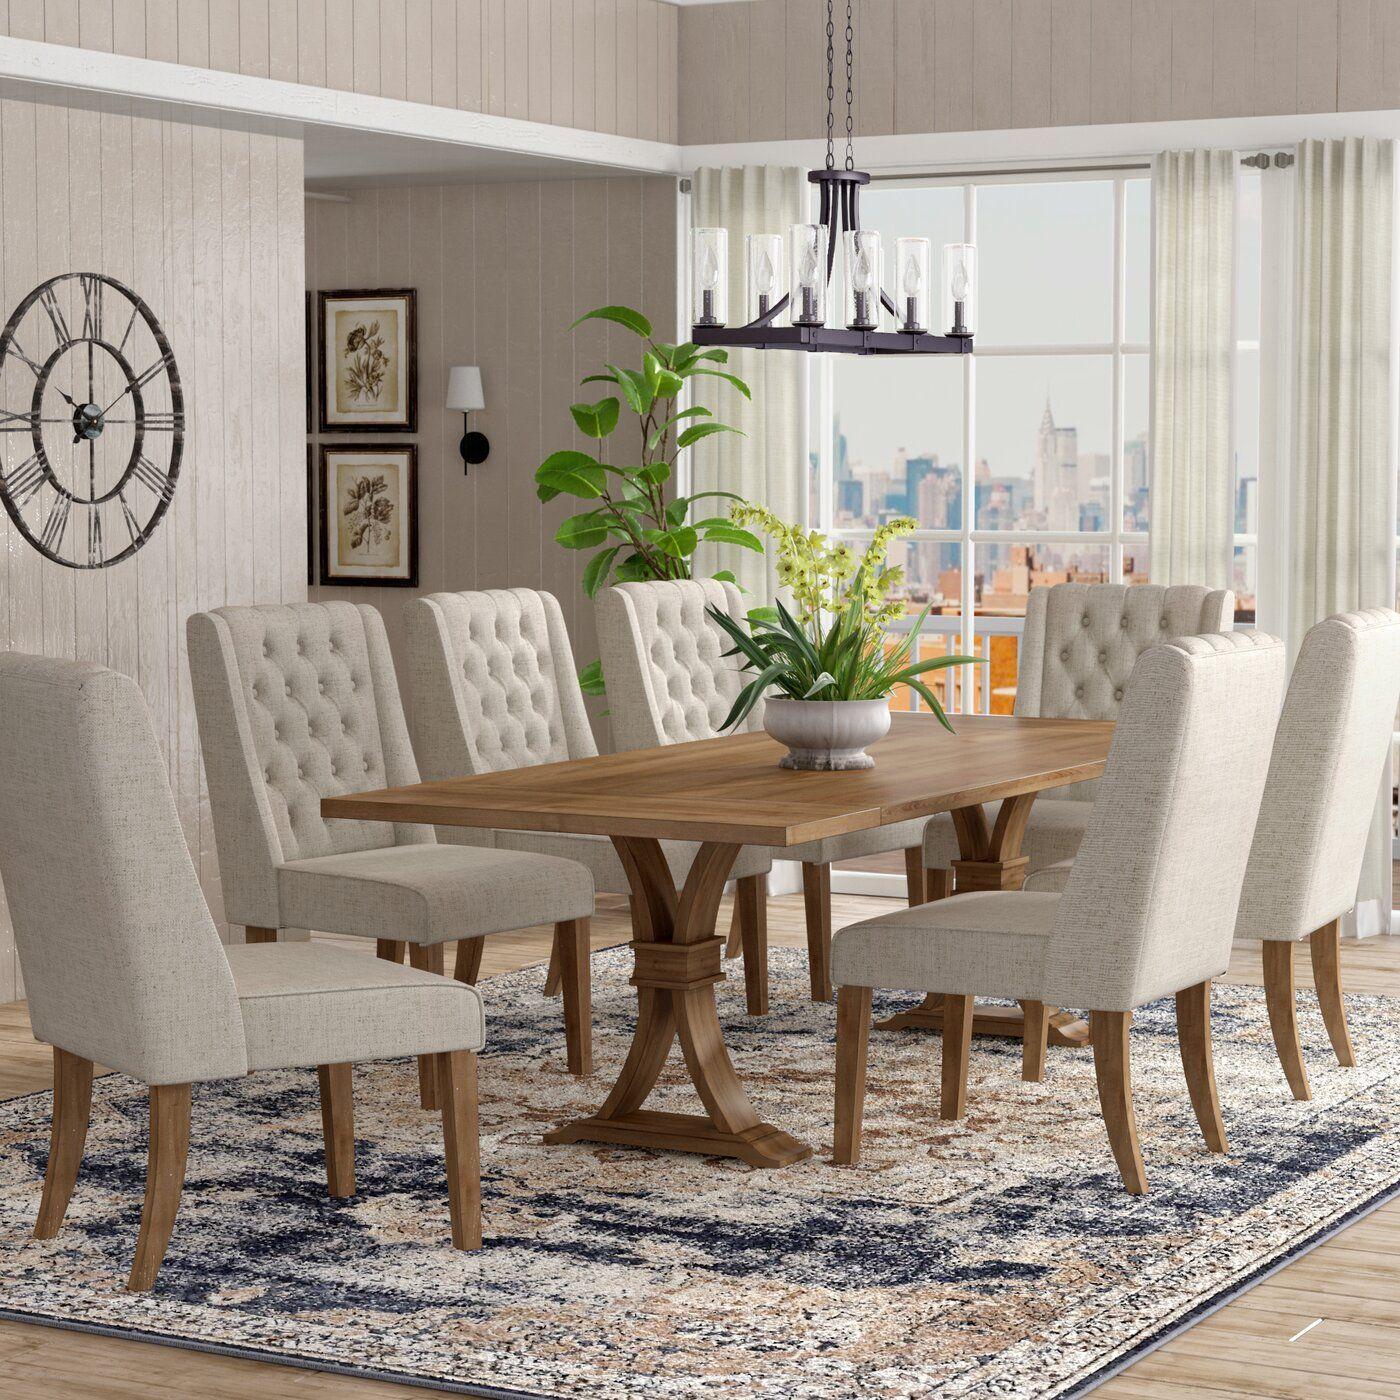 Comedores con alfombras modernas como base